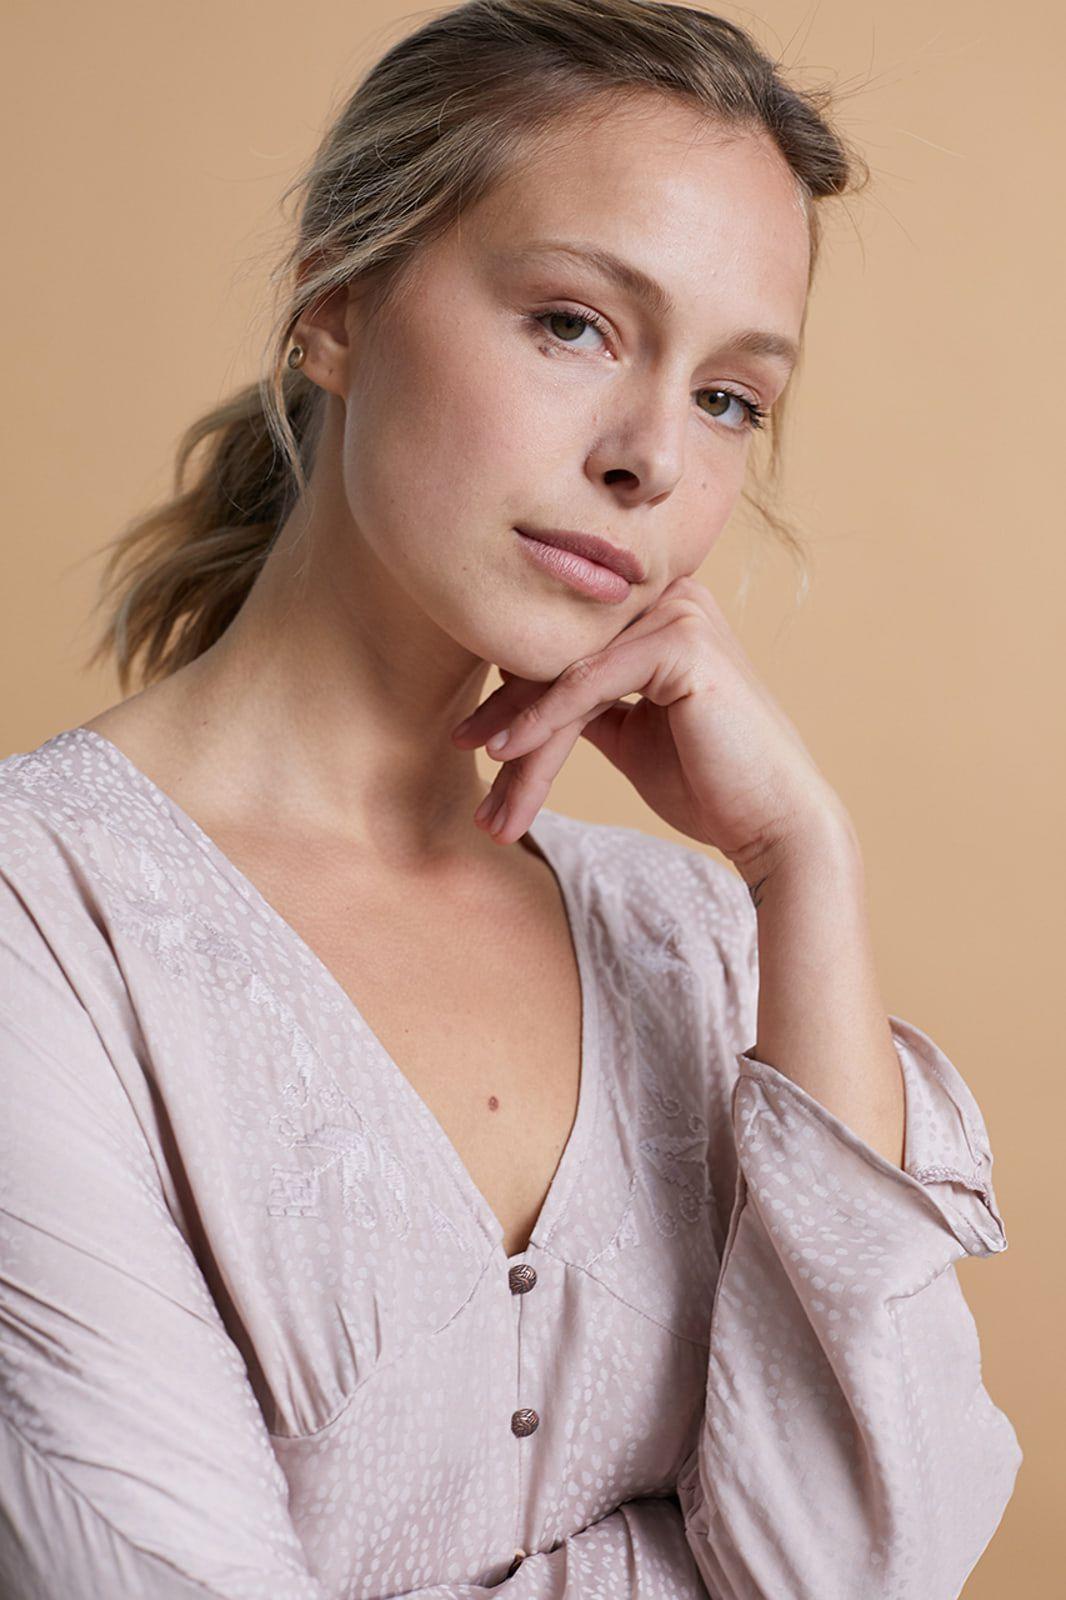 Blusa de raso de manga larga, con escote bordado y botones a contraste <b>Composición</b> 100% Poliester Alabama Shop